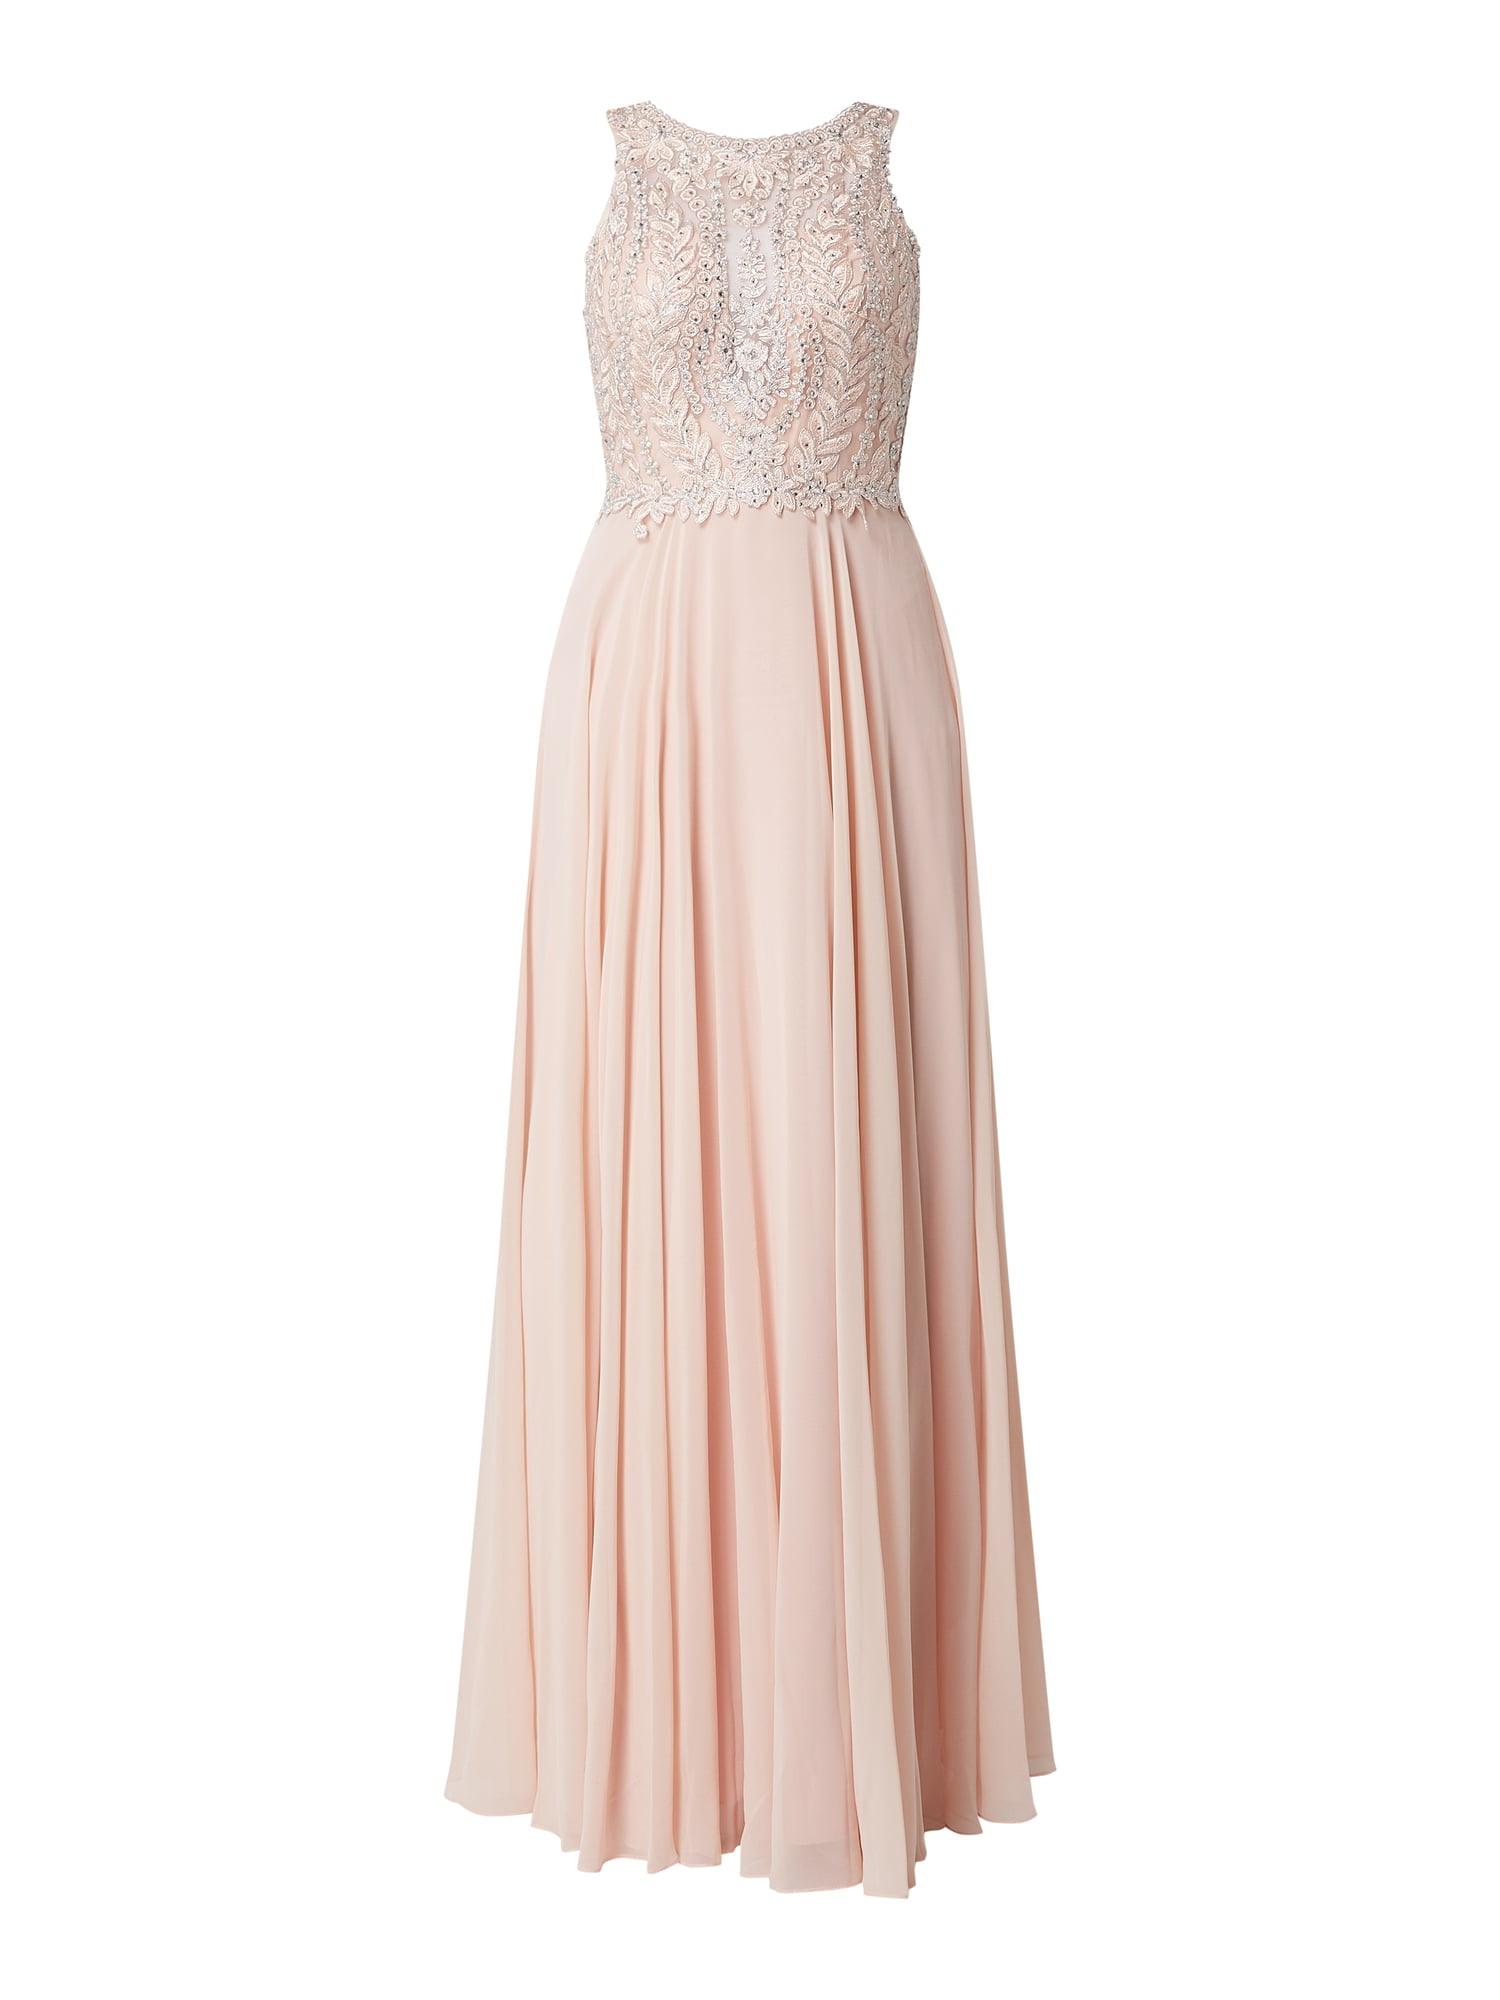 10 Einfach Luxuar Abendkleid Boutique17 Leicht Luxuar Abendkleid Ärmel